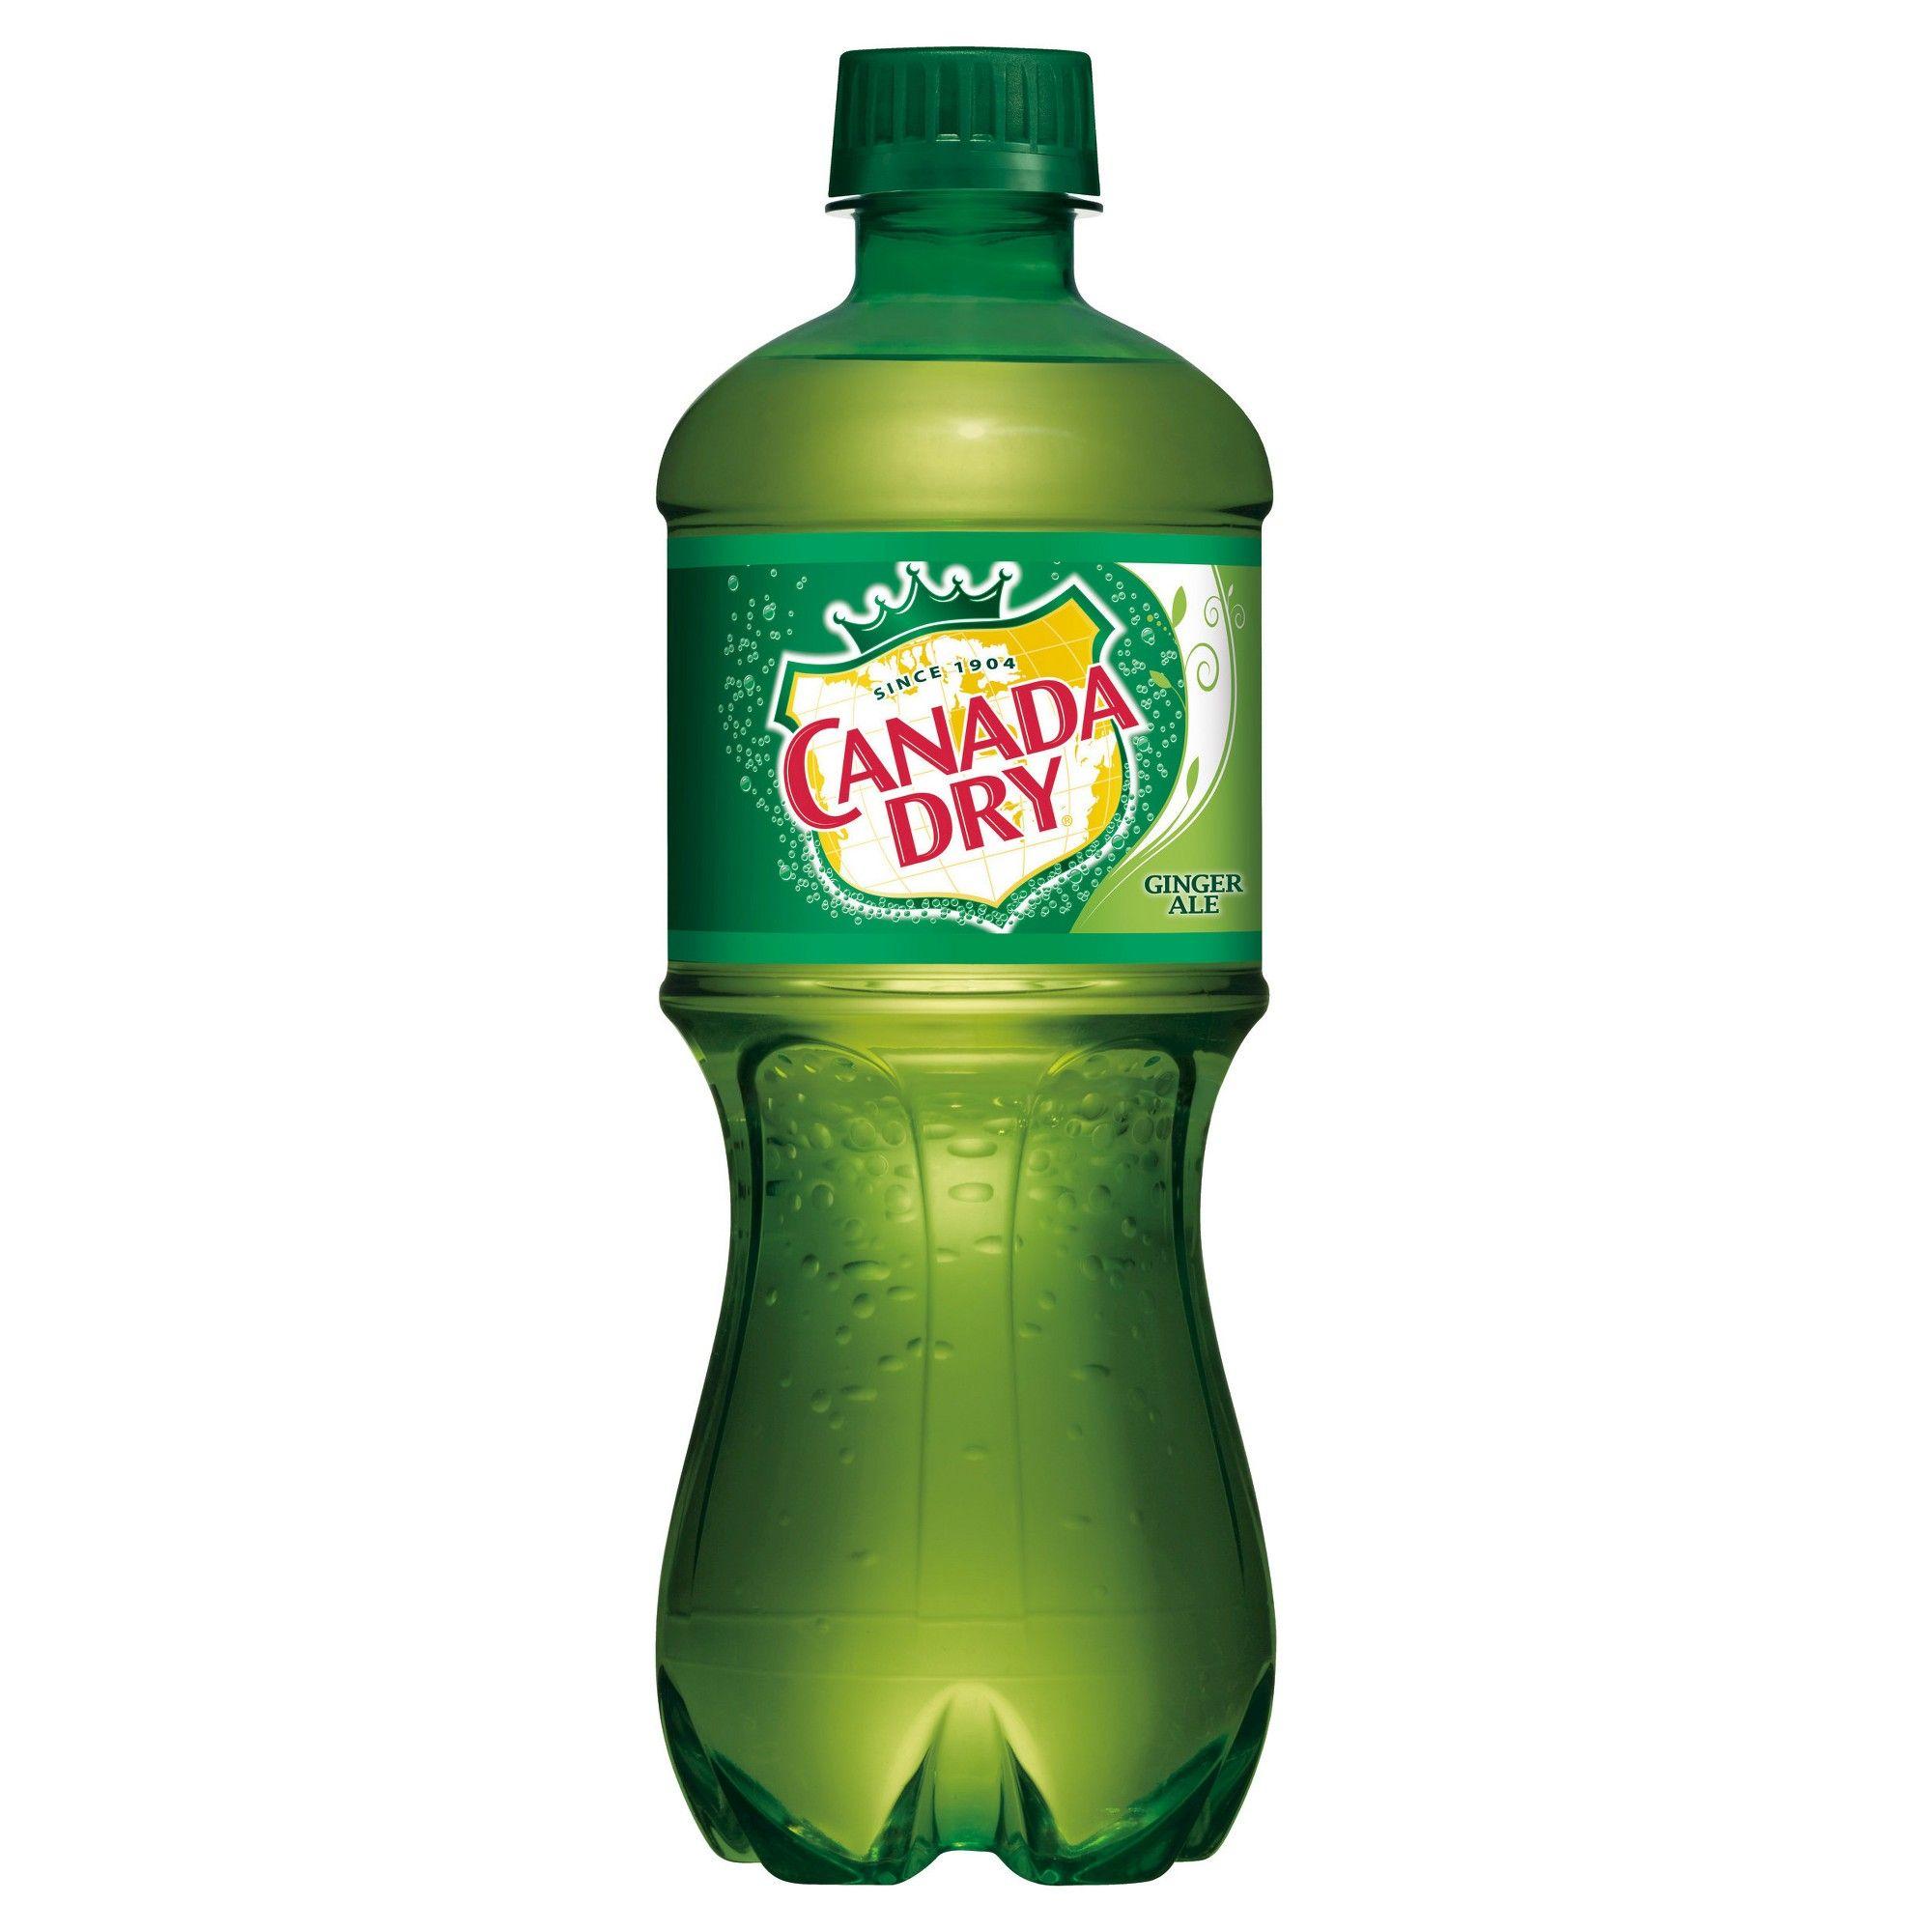 Canada dry ginger ale 20 fl oz bottle ginger ale dry